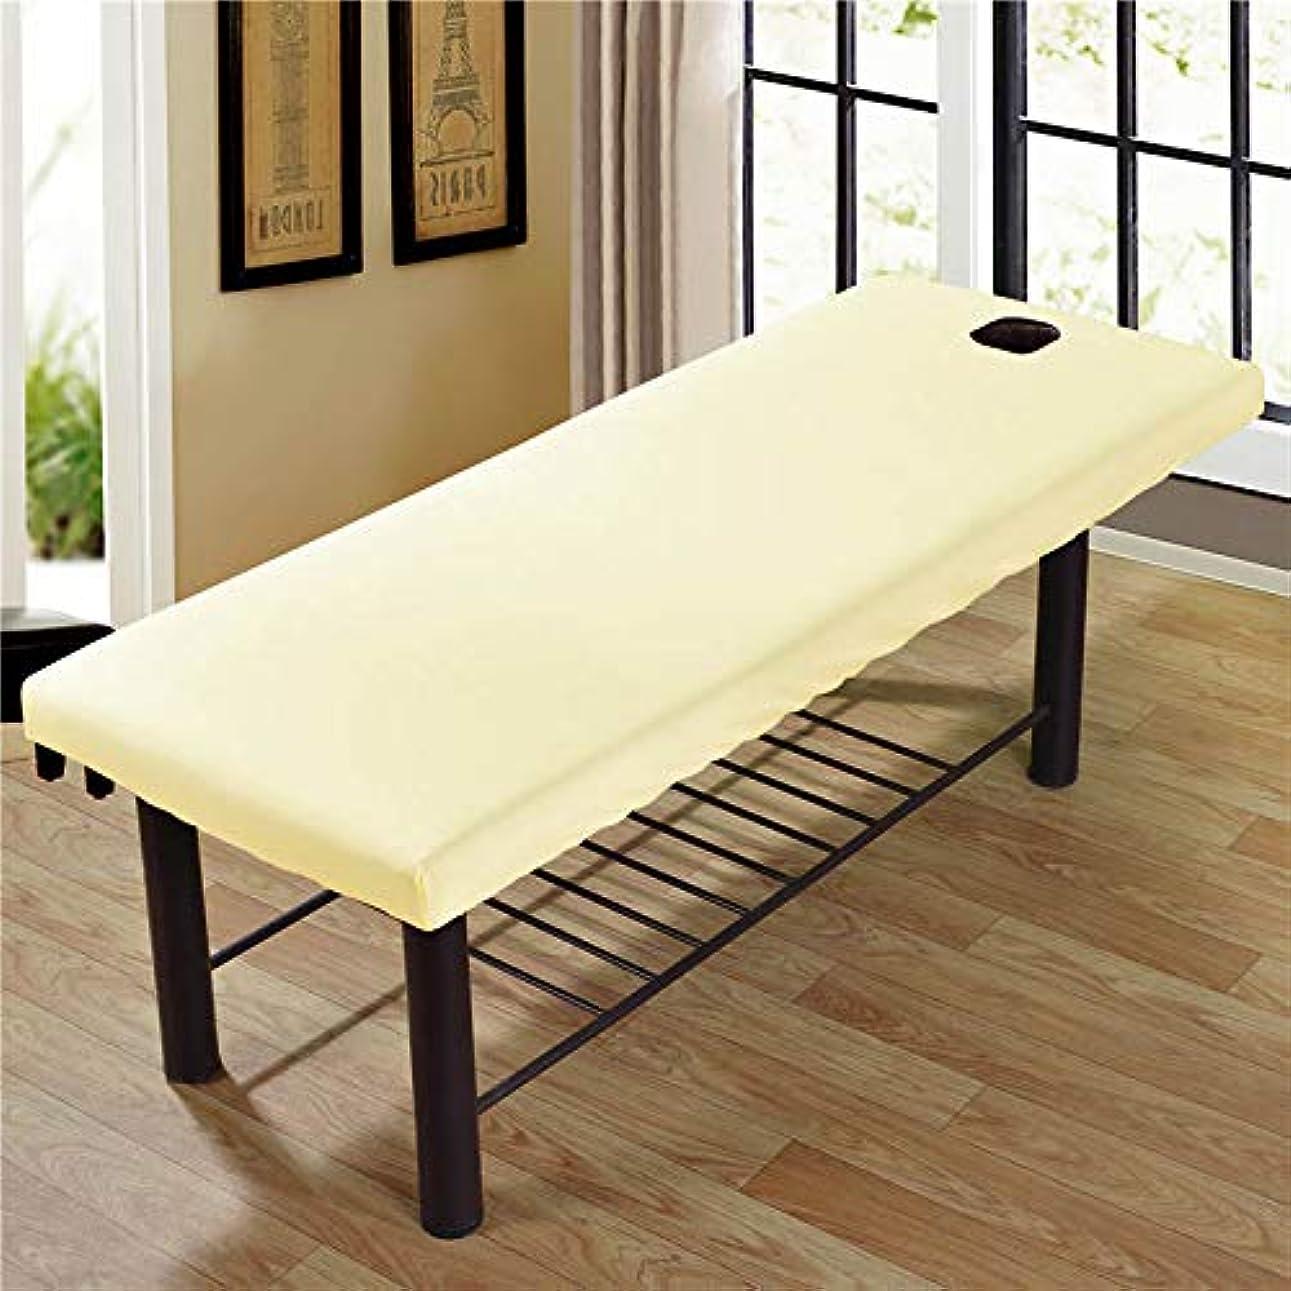 無関心ペン不幸Tenflyer 美容院のマッサージ療法のベッドのための柔らかいSoliod色の長方形のマットレス